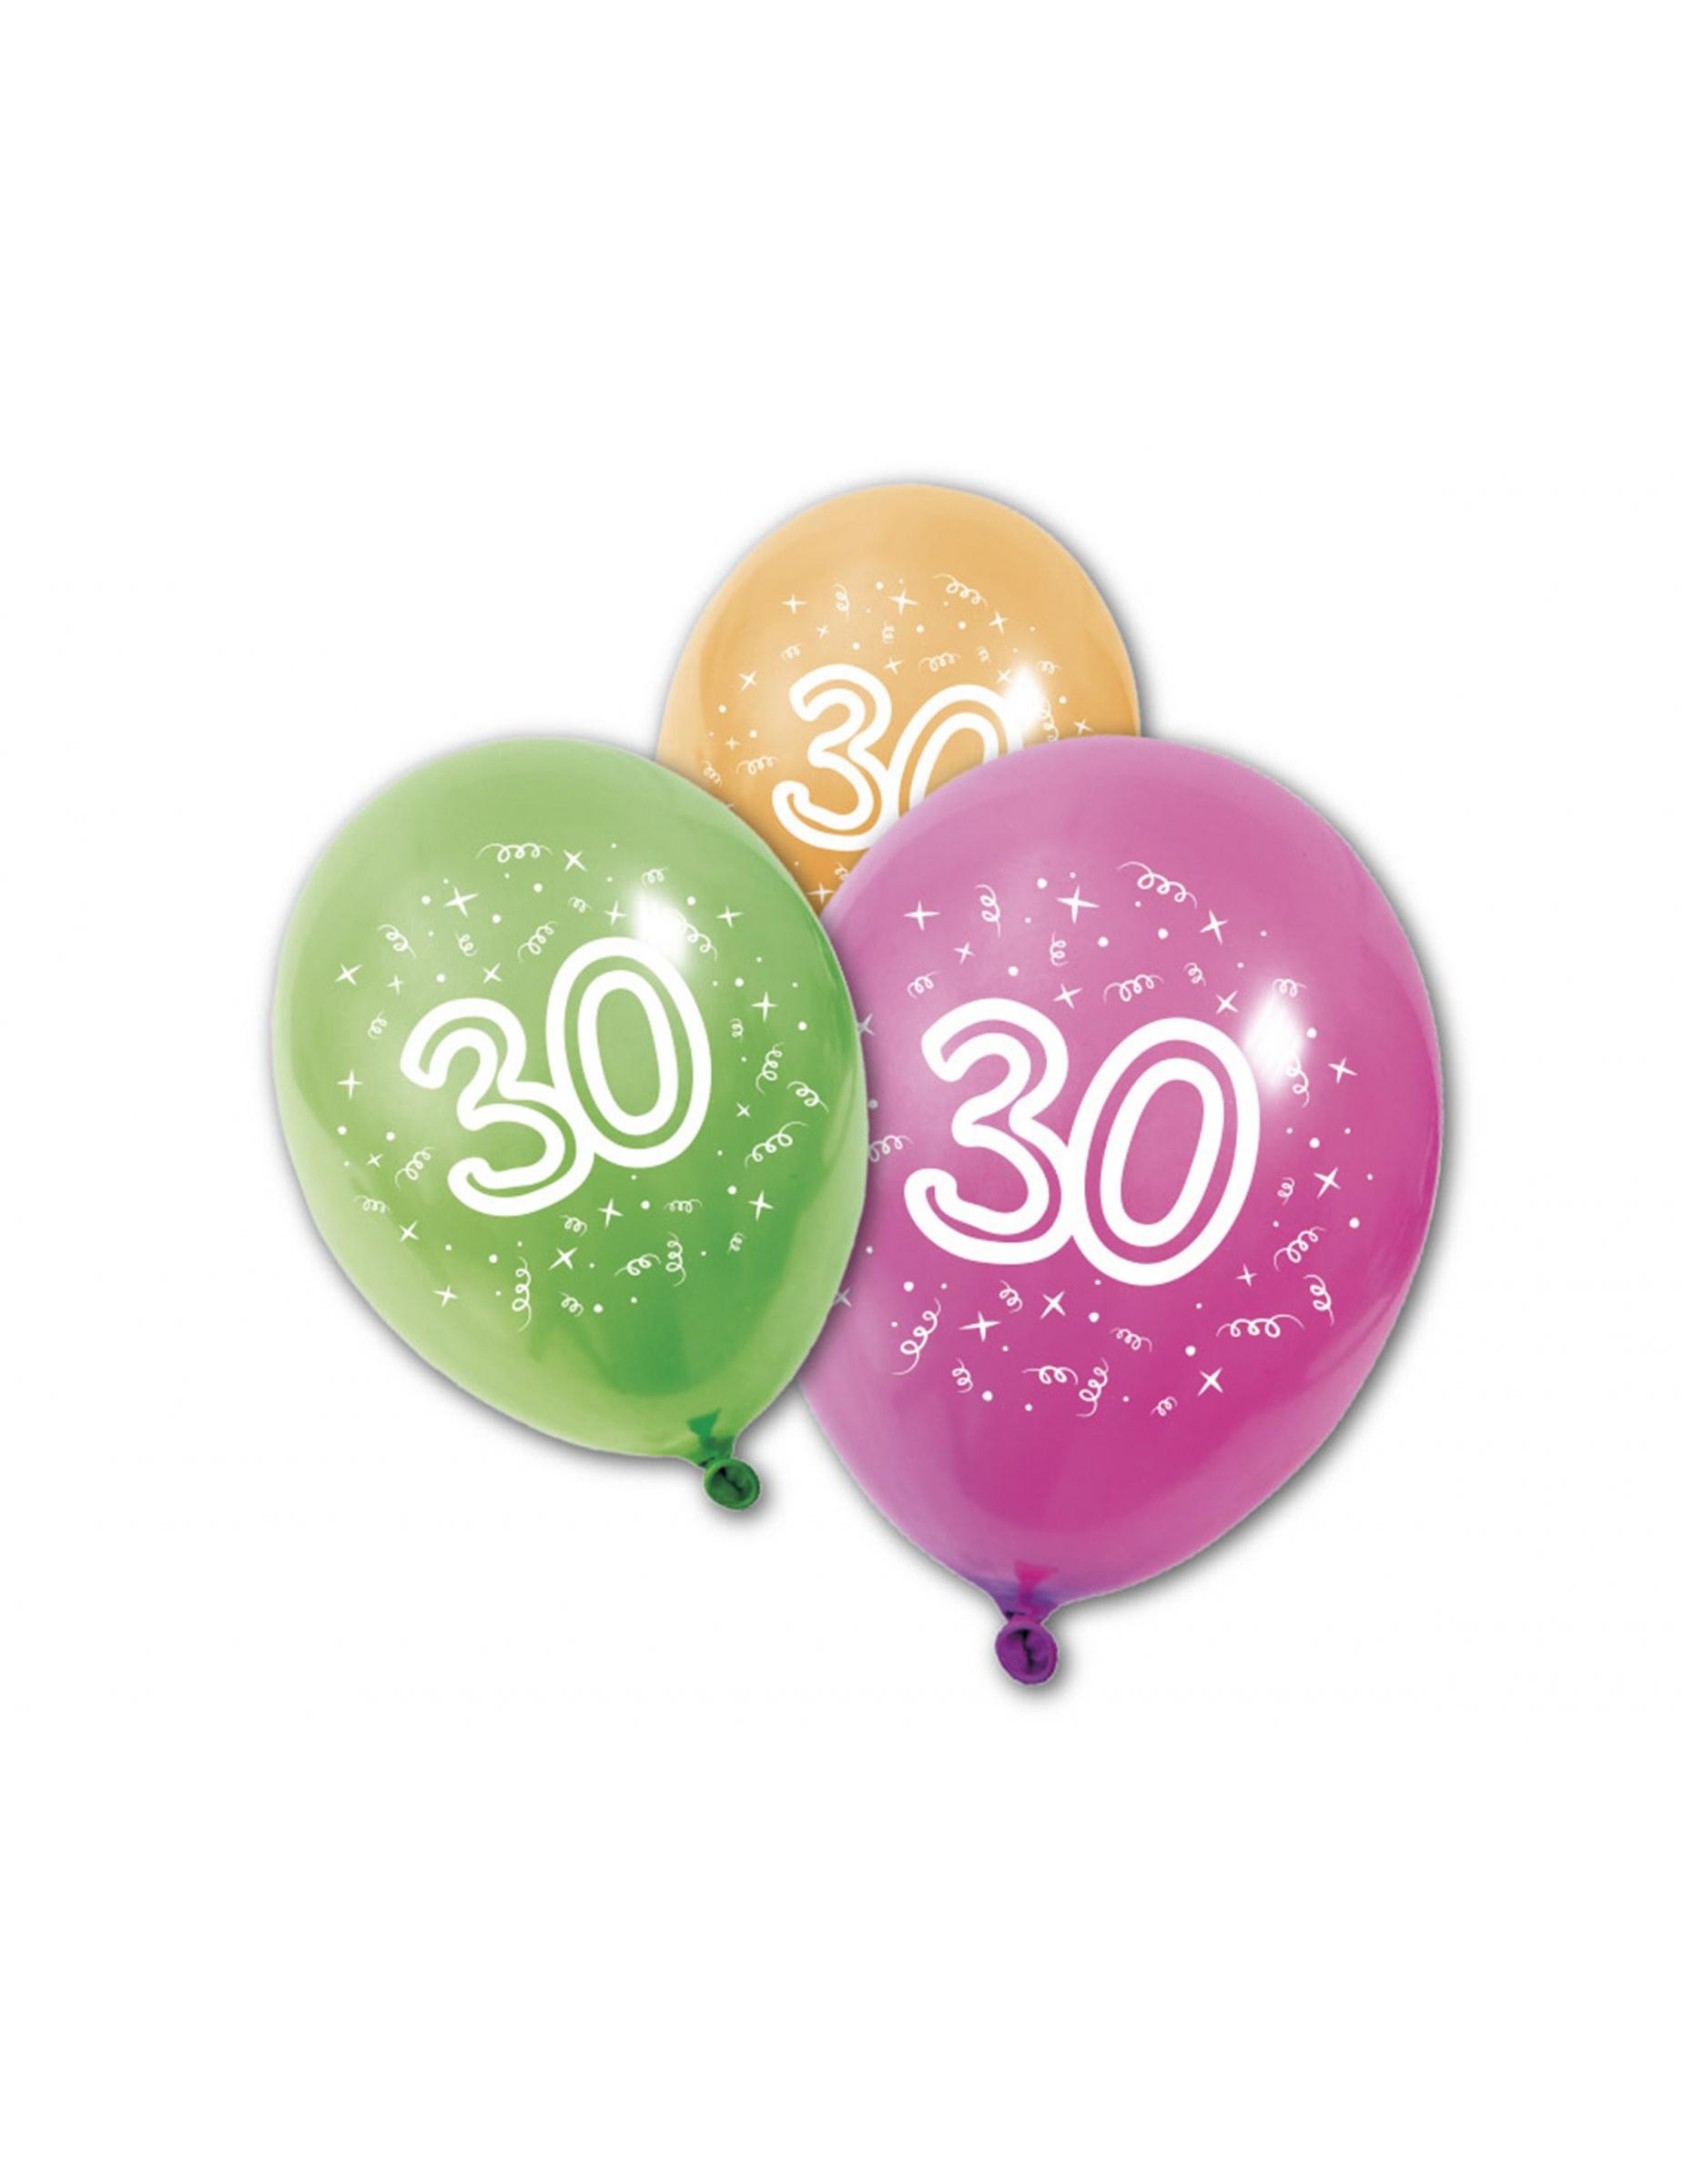 8 luftballons 30 jahre partydeko und g nstige faschingskost me vegaoo. Black Bedroom Furniture Sets. Home Design Ideas